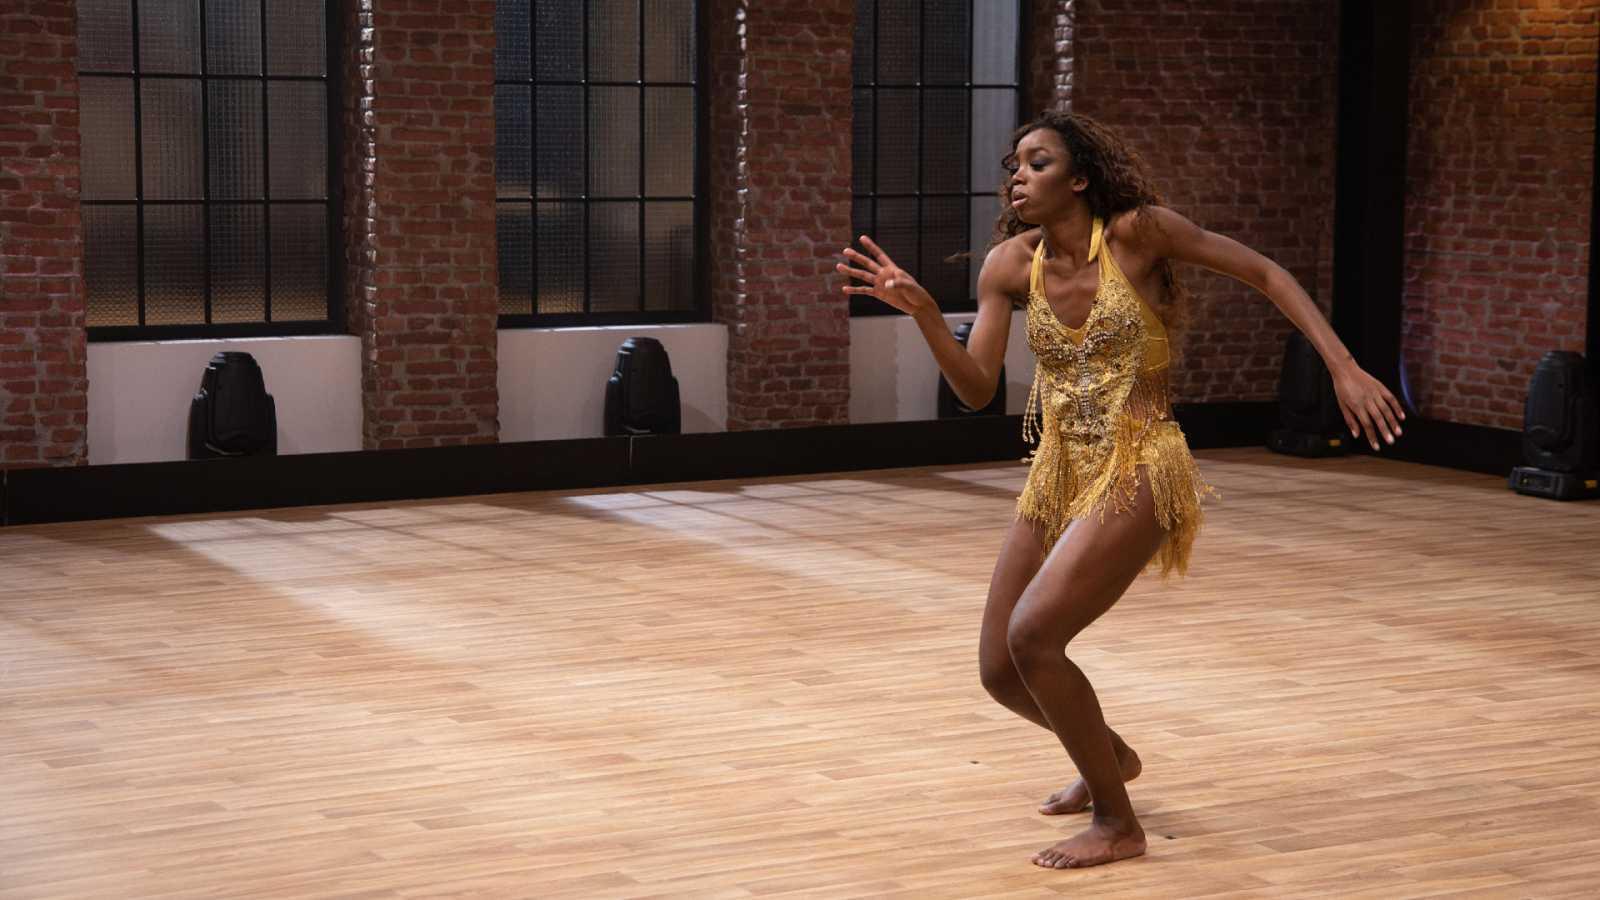 The Dancer - Fátima cierra las primeras audiciones de 'The Dancer'